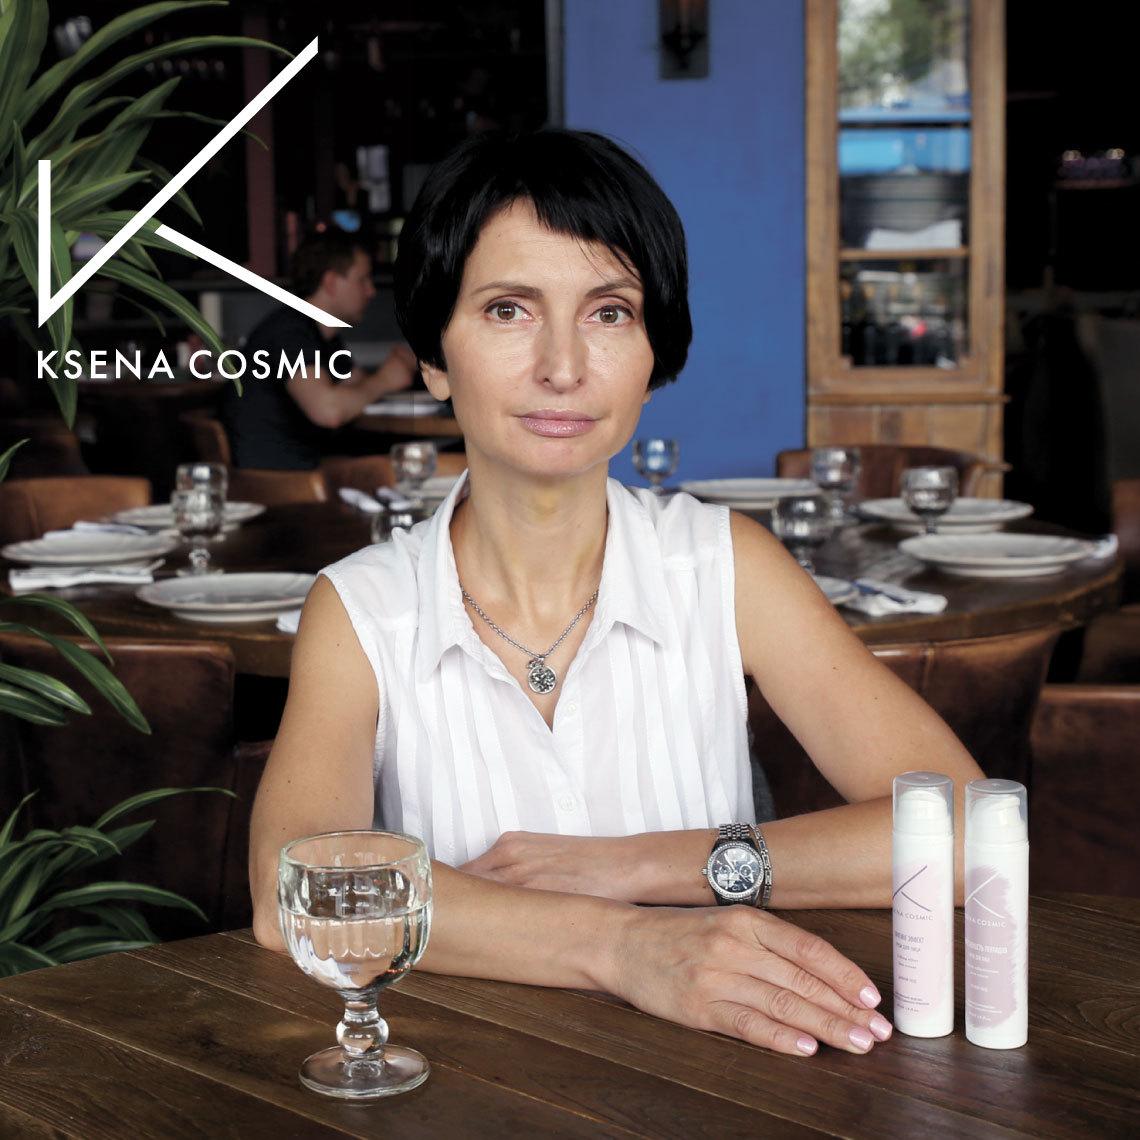 Ksena Cosmic - профессиональная косметика и космецевтика для всех!